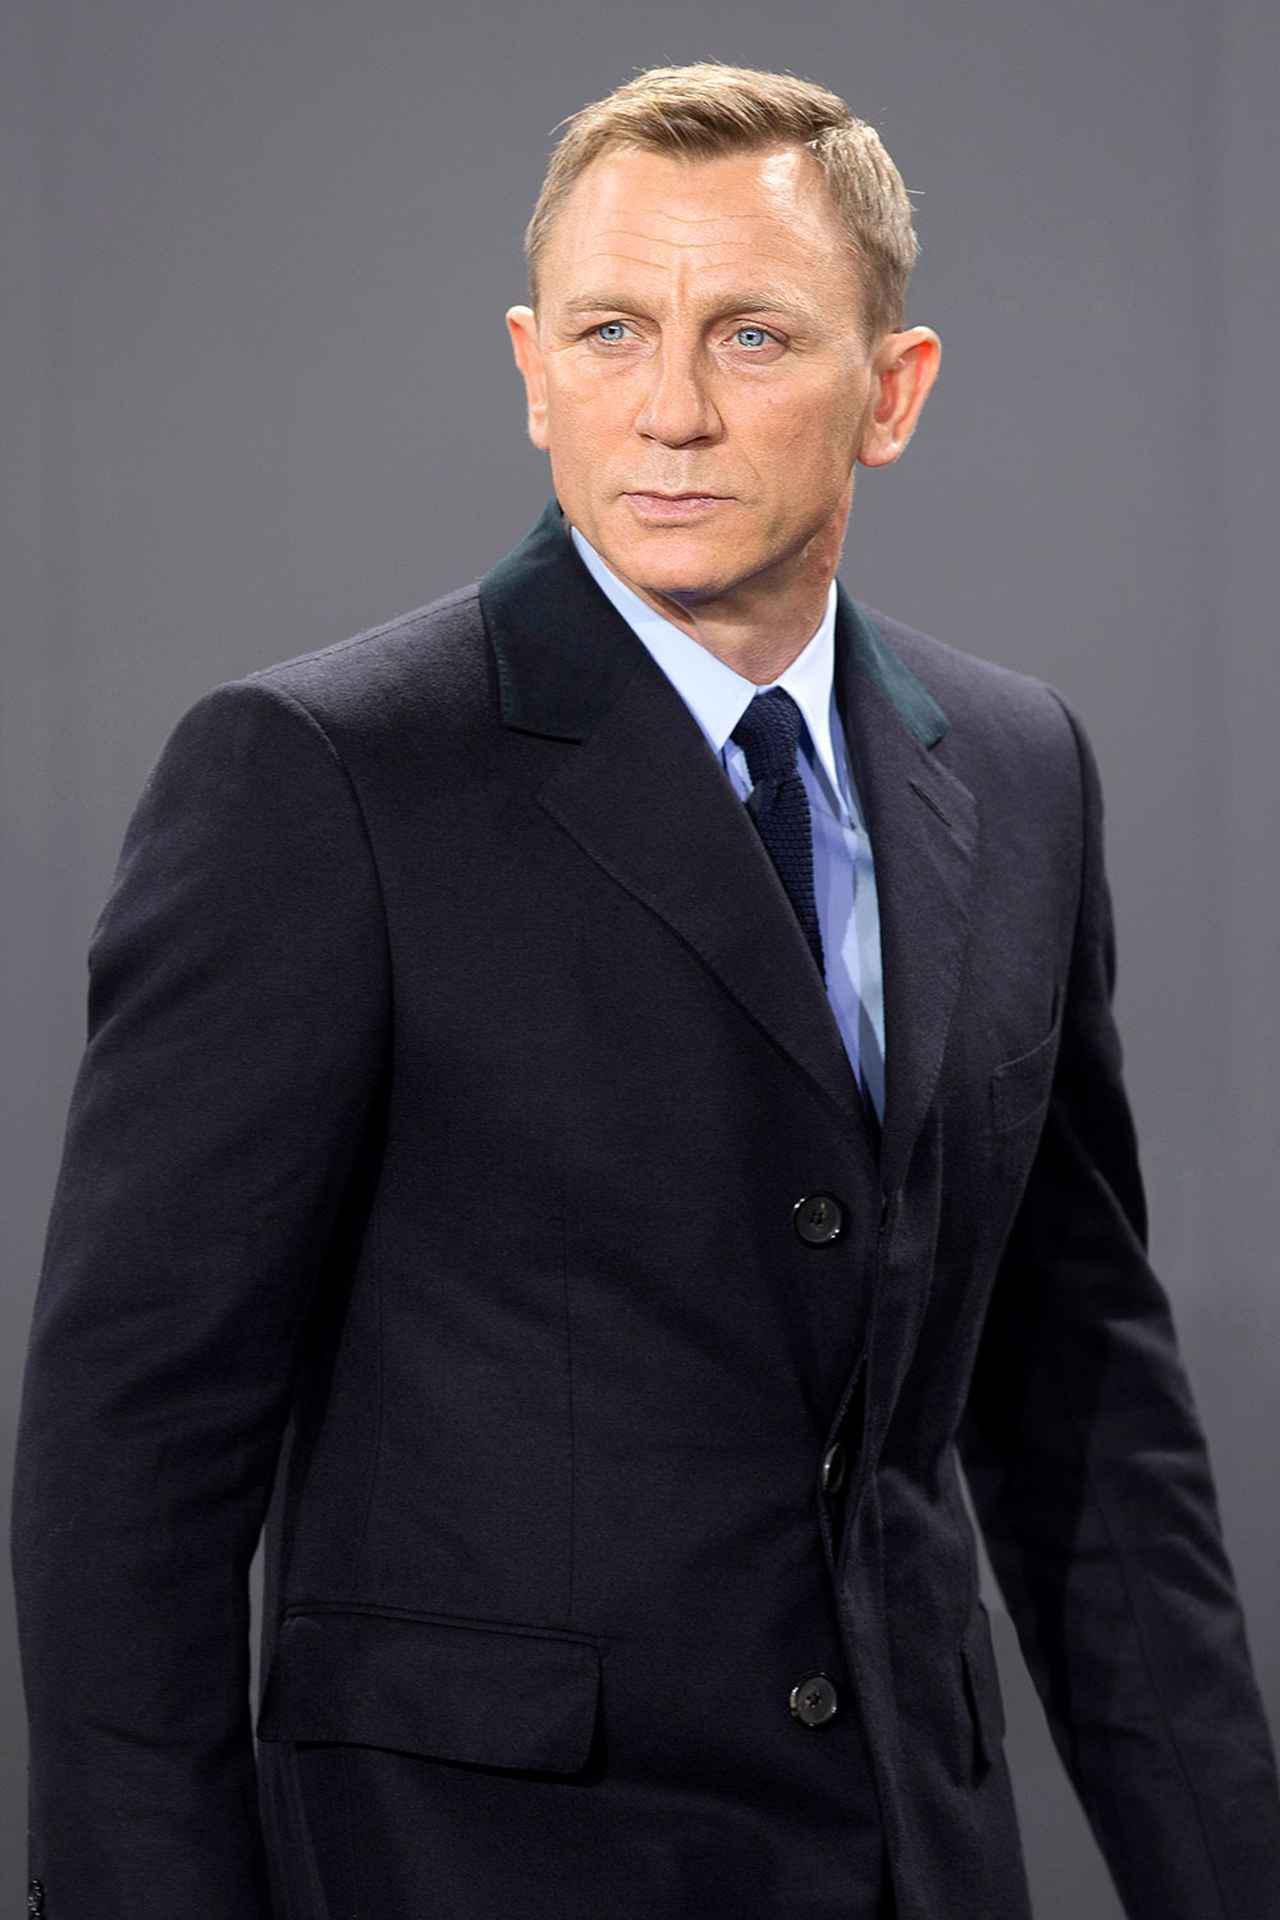 画像1: 『007/ノー・タイム・トゥ・ダイ』を取り巻くキャラクターまとめ【インタビューあり】